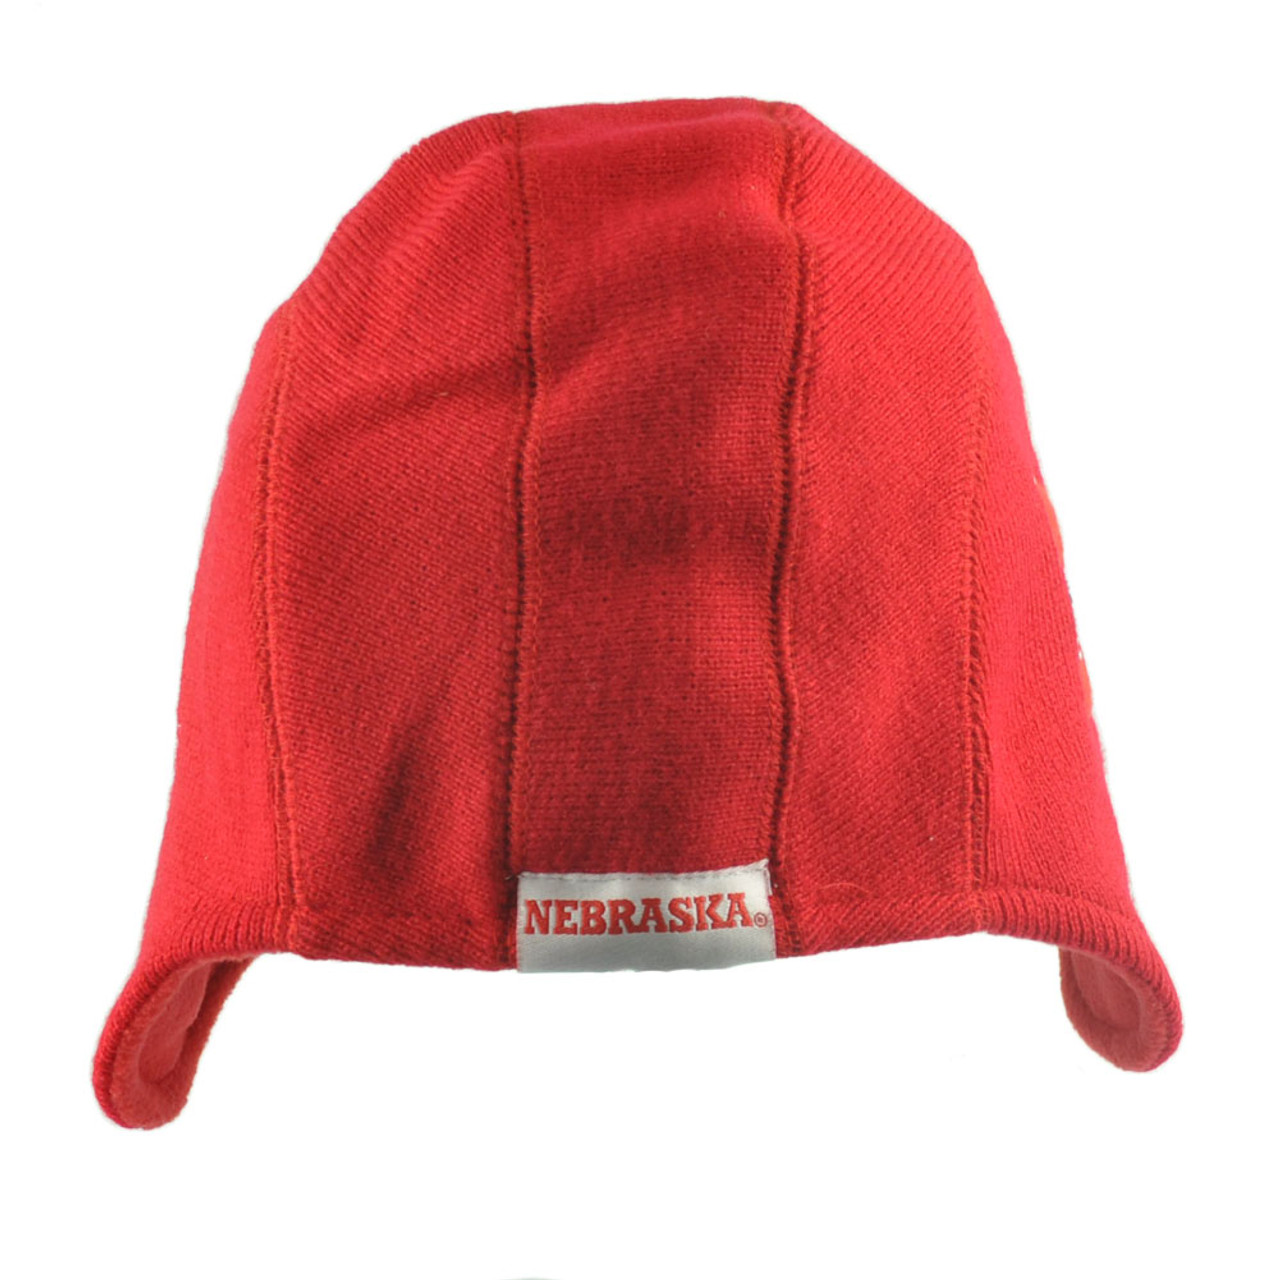 best cheap d0f29 8d77a NCAA Nebraska Cornhuskers Game Day Helmet Beanie Knit Skully Hat Red Fan  Favorit - Cap Store Online.com